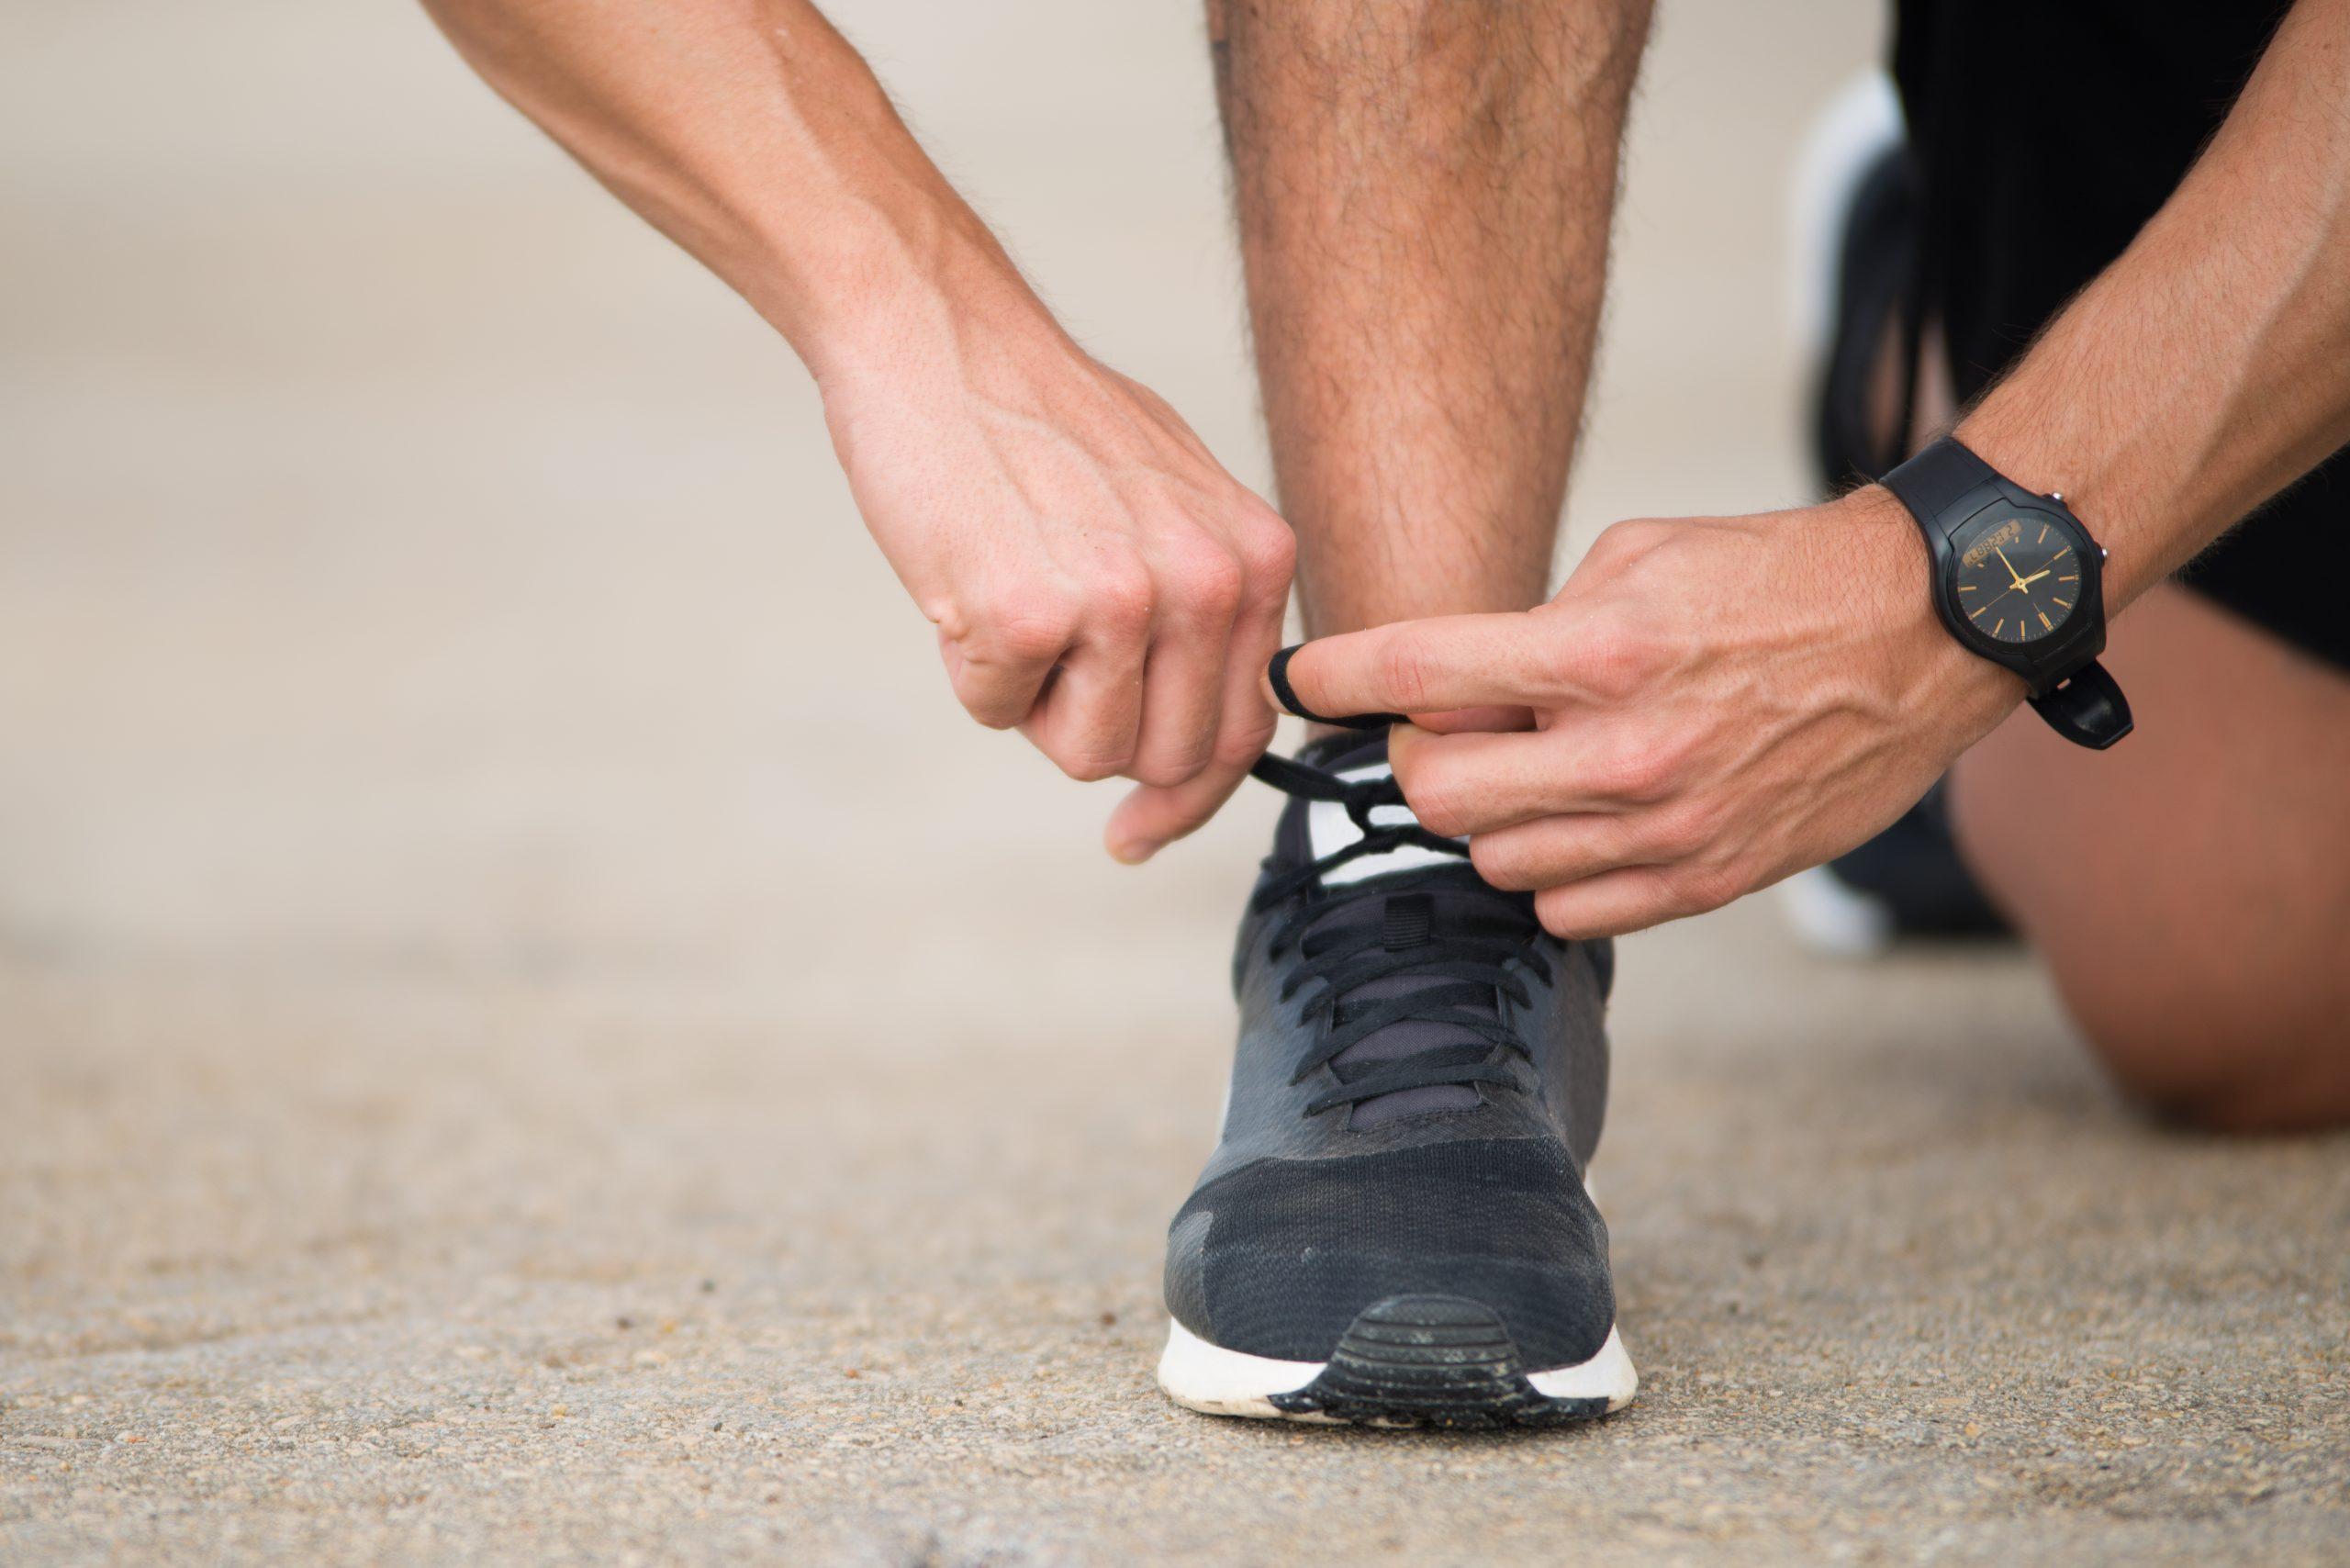 Tênis preto sendo amarrado por homem que vai correr.